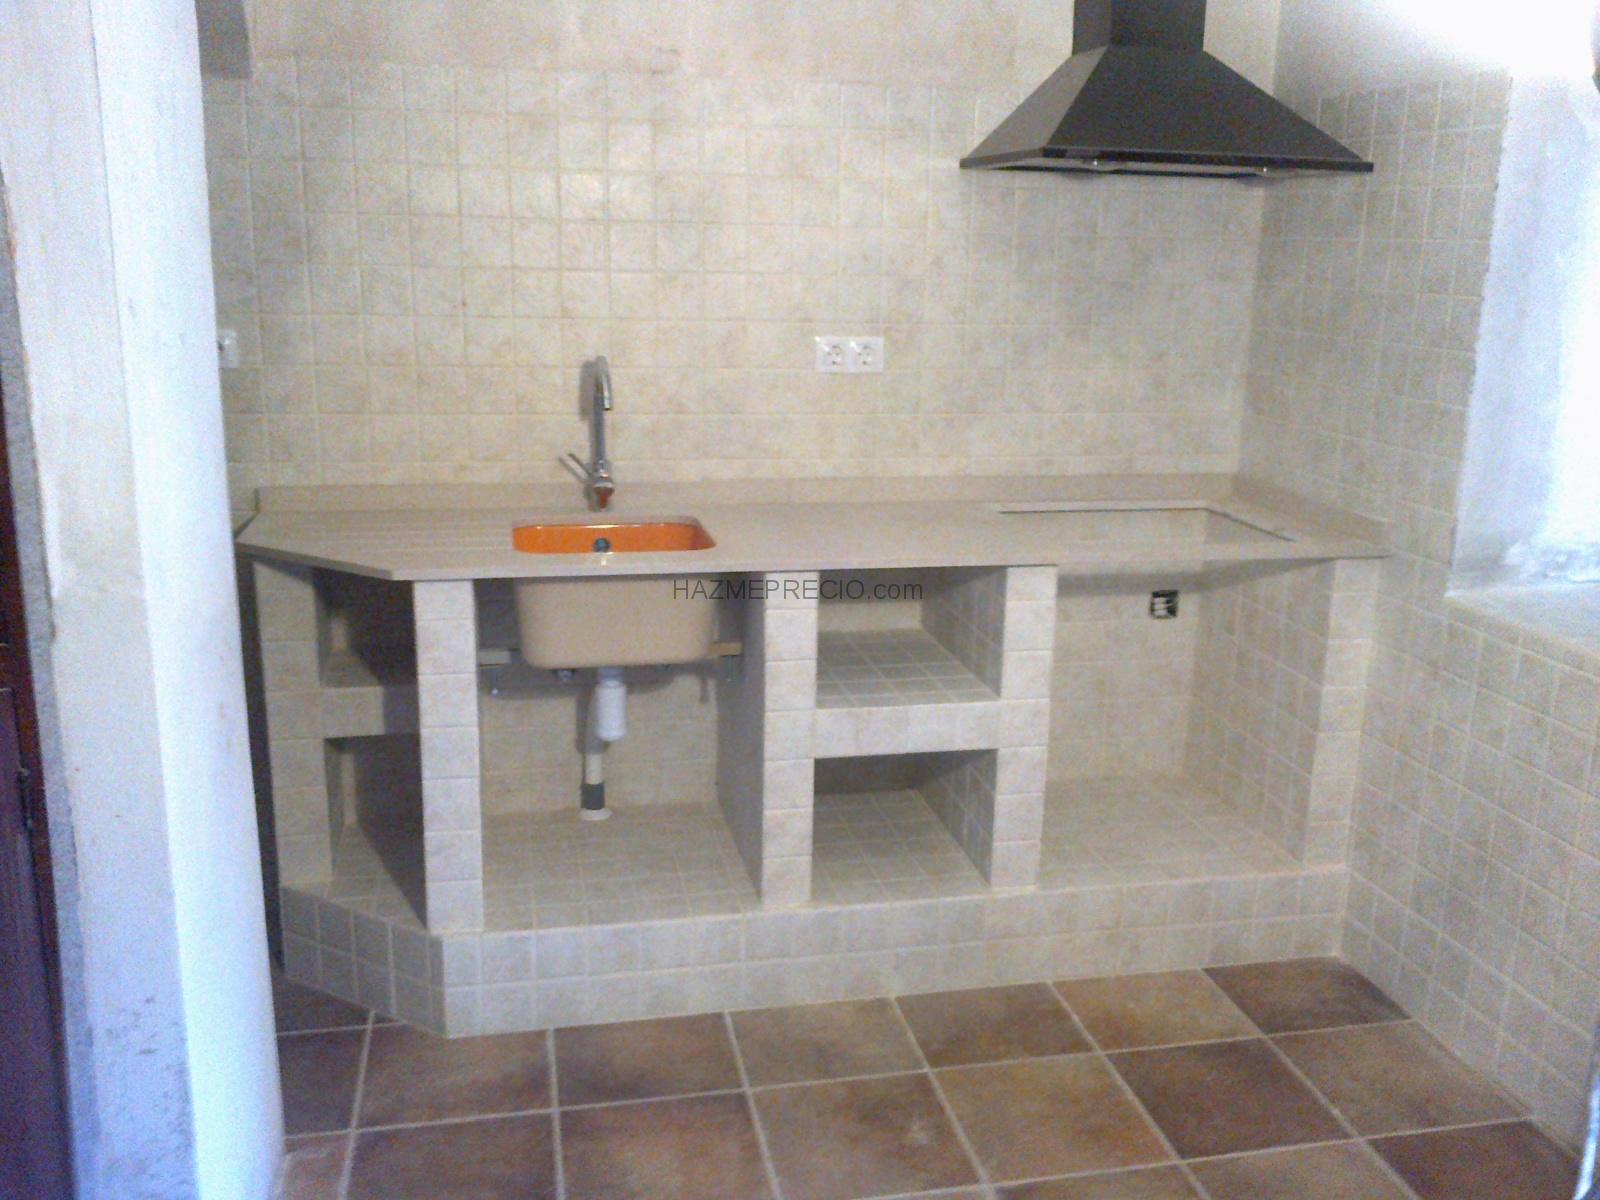 Cocinas integrales de concreto hermosa diseo de cocina de for Cocinas de concreto pequenas